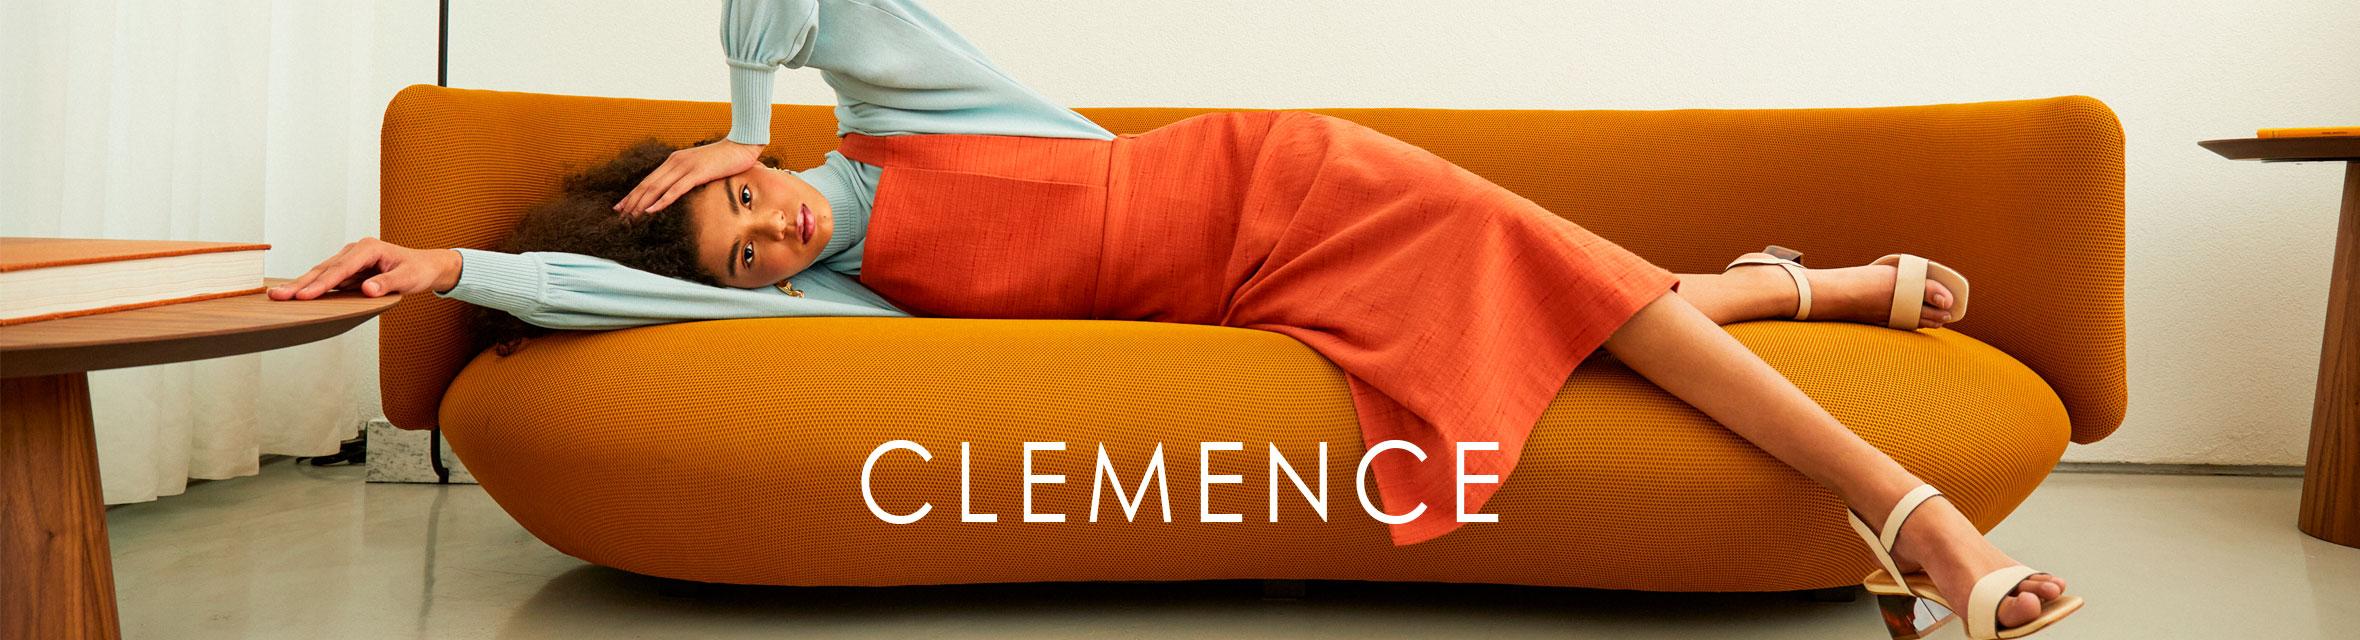 Banners de marcas - designers